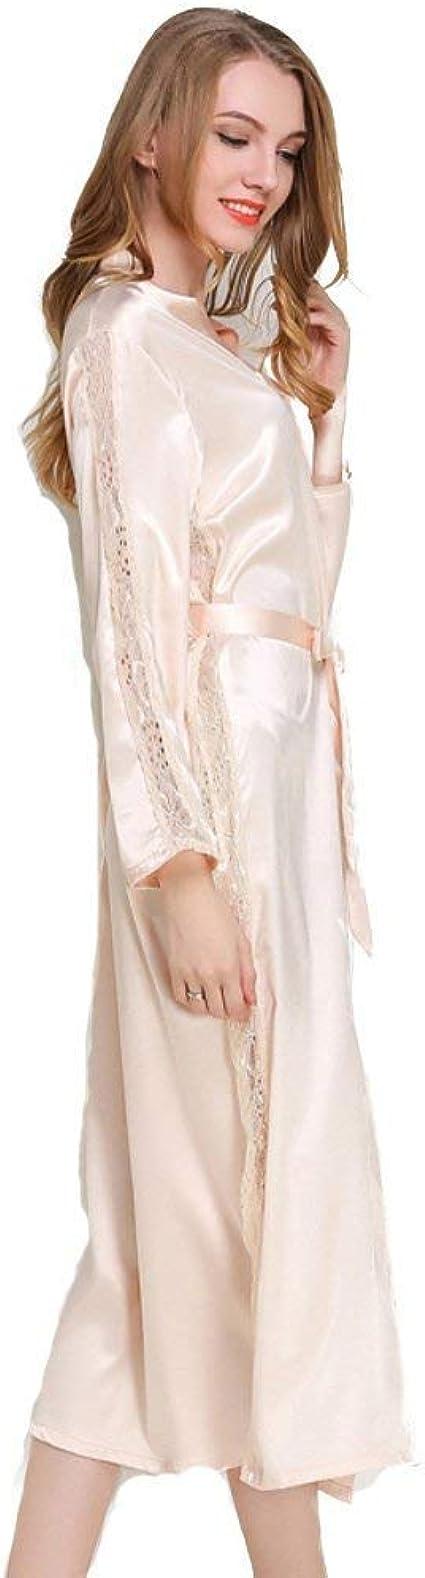 Mujer Kimono Primavera Otoño Colores Sólidos Elegantes Pijamas Mujer Moda Casual Batas Vintage Manga Larga V-Cuello Albornoz Camisones con Cinturón: Amazon.es: Ropa y accesorios